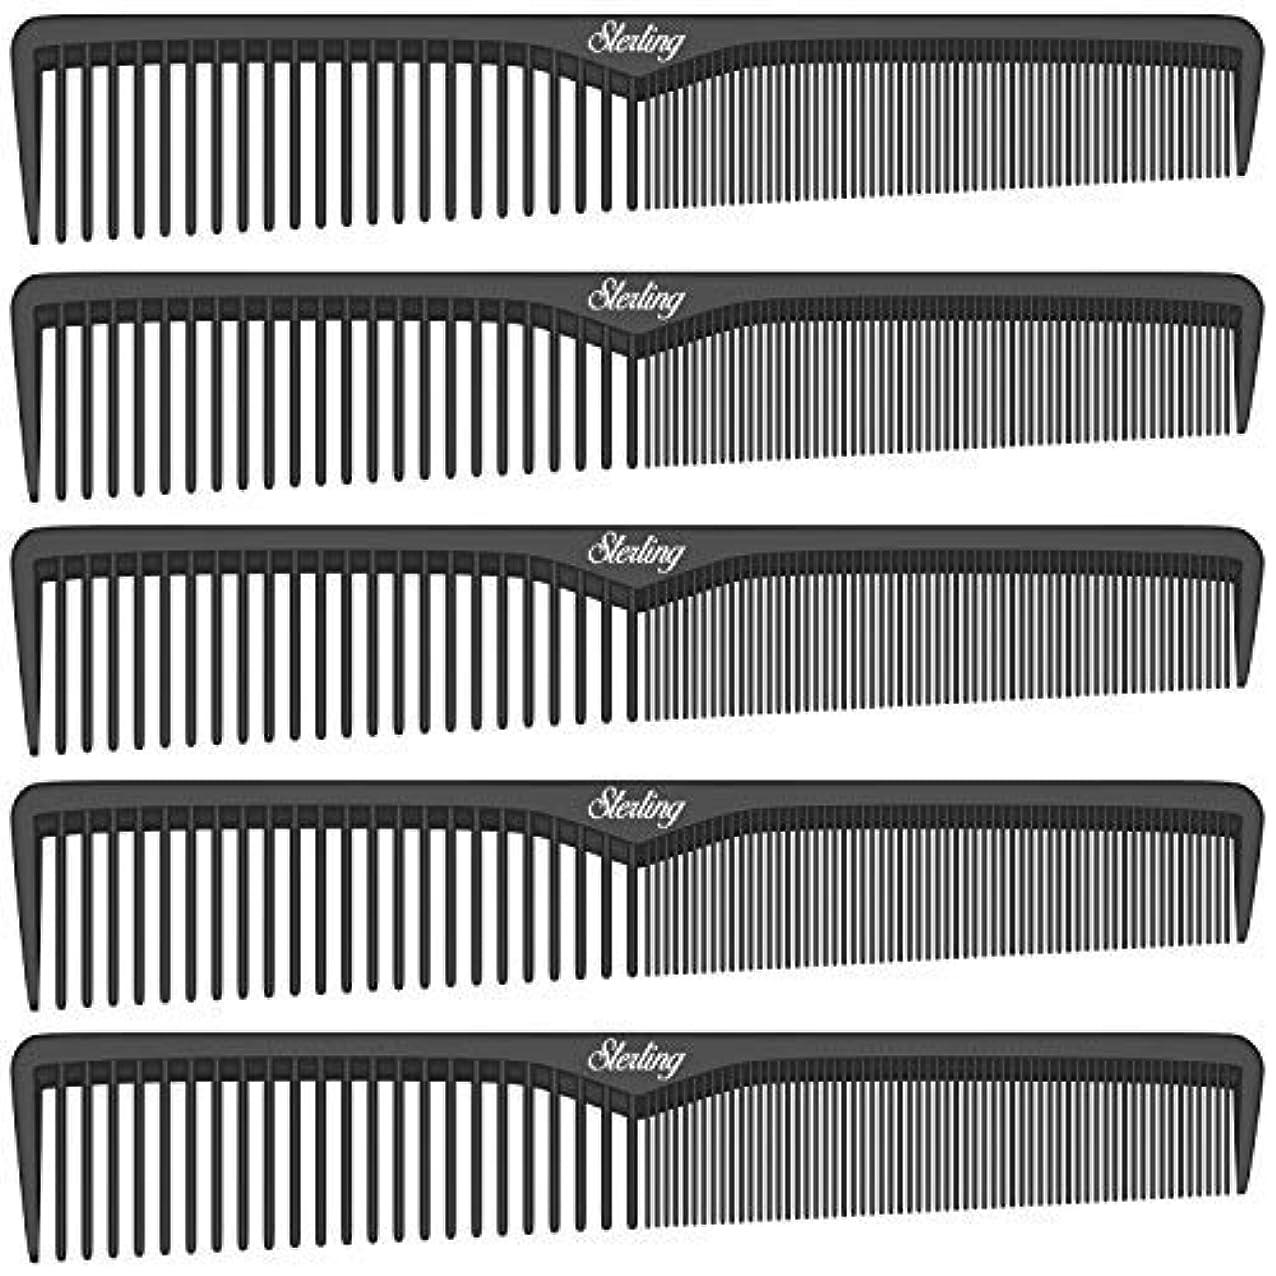 時制仕事ほかにSterling Beauty Tools Styling Combs, Professional 7